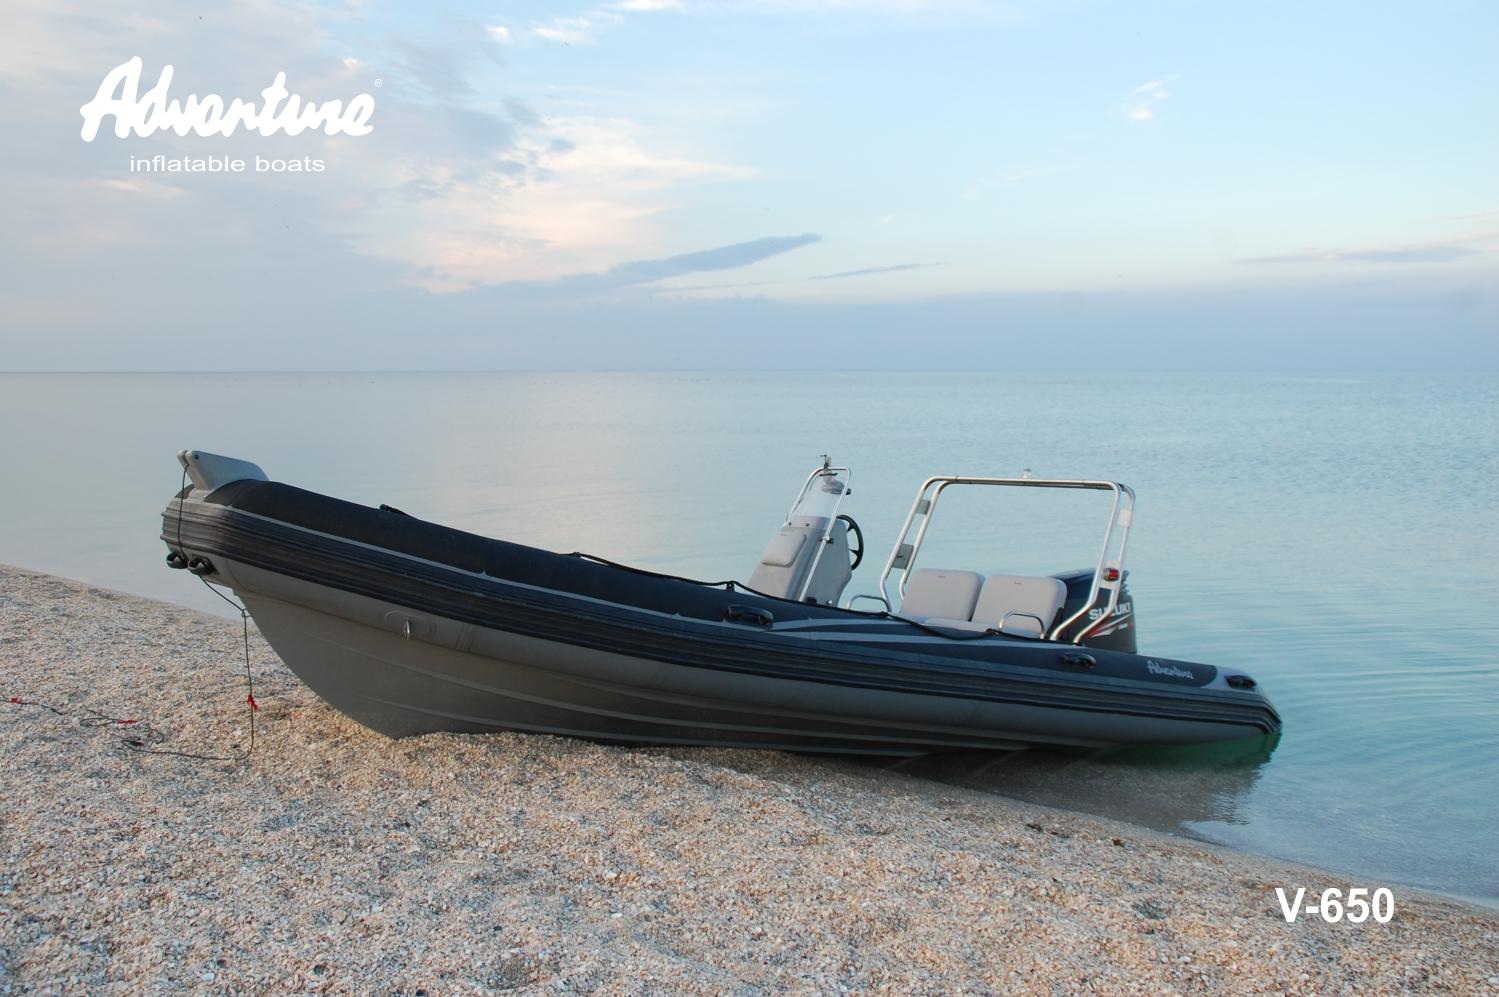 Nafukovací motorový člun Adventure V-650 může být dodán v mnoha verzích výbavy a provedení. Zde zakázkové provedení pro výcvik speciálních sil